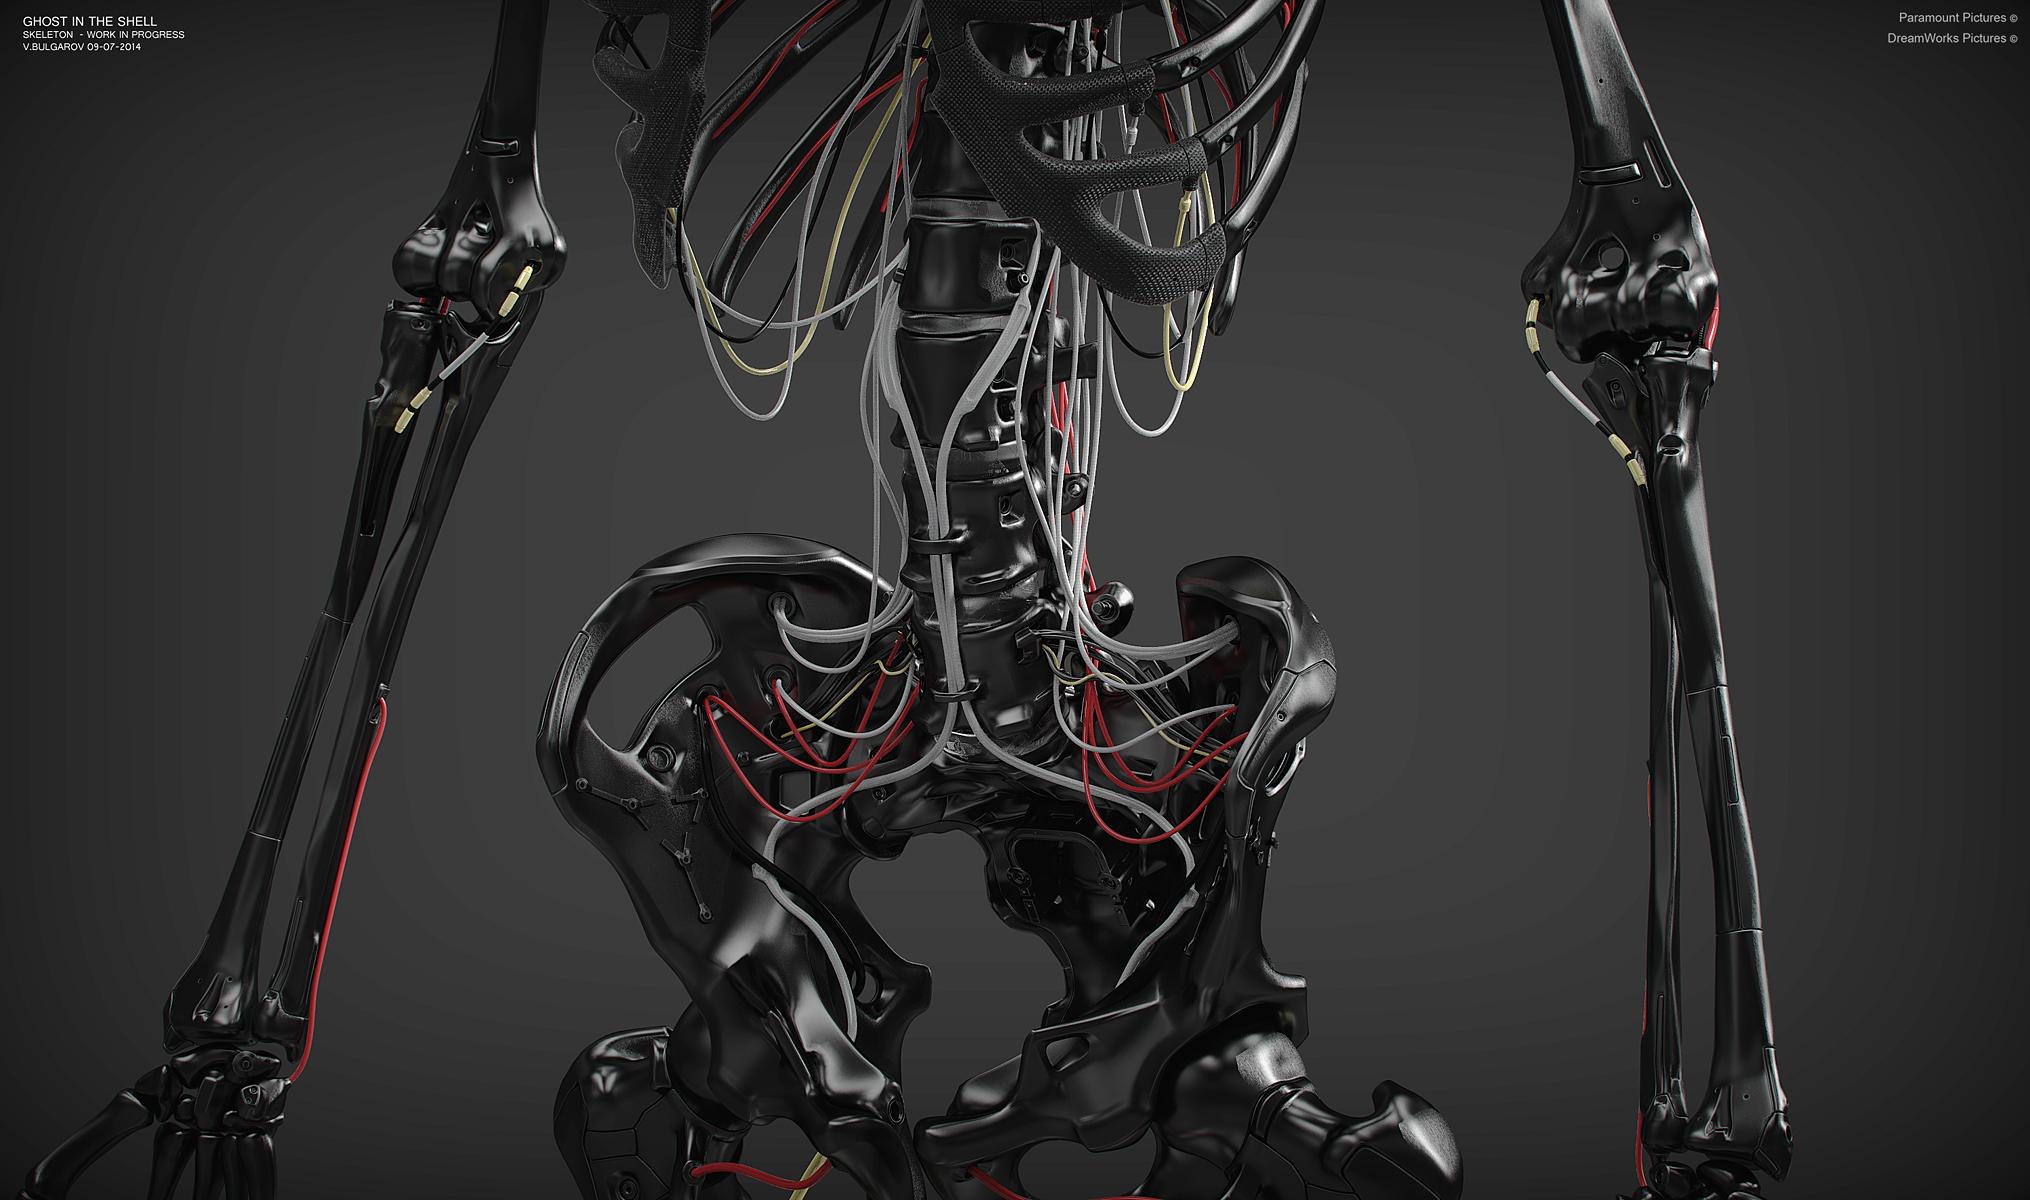 Ghost_SkeletonWork_09-07-2014_05.jpg